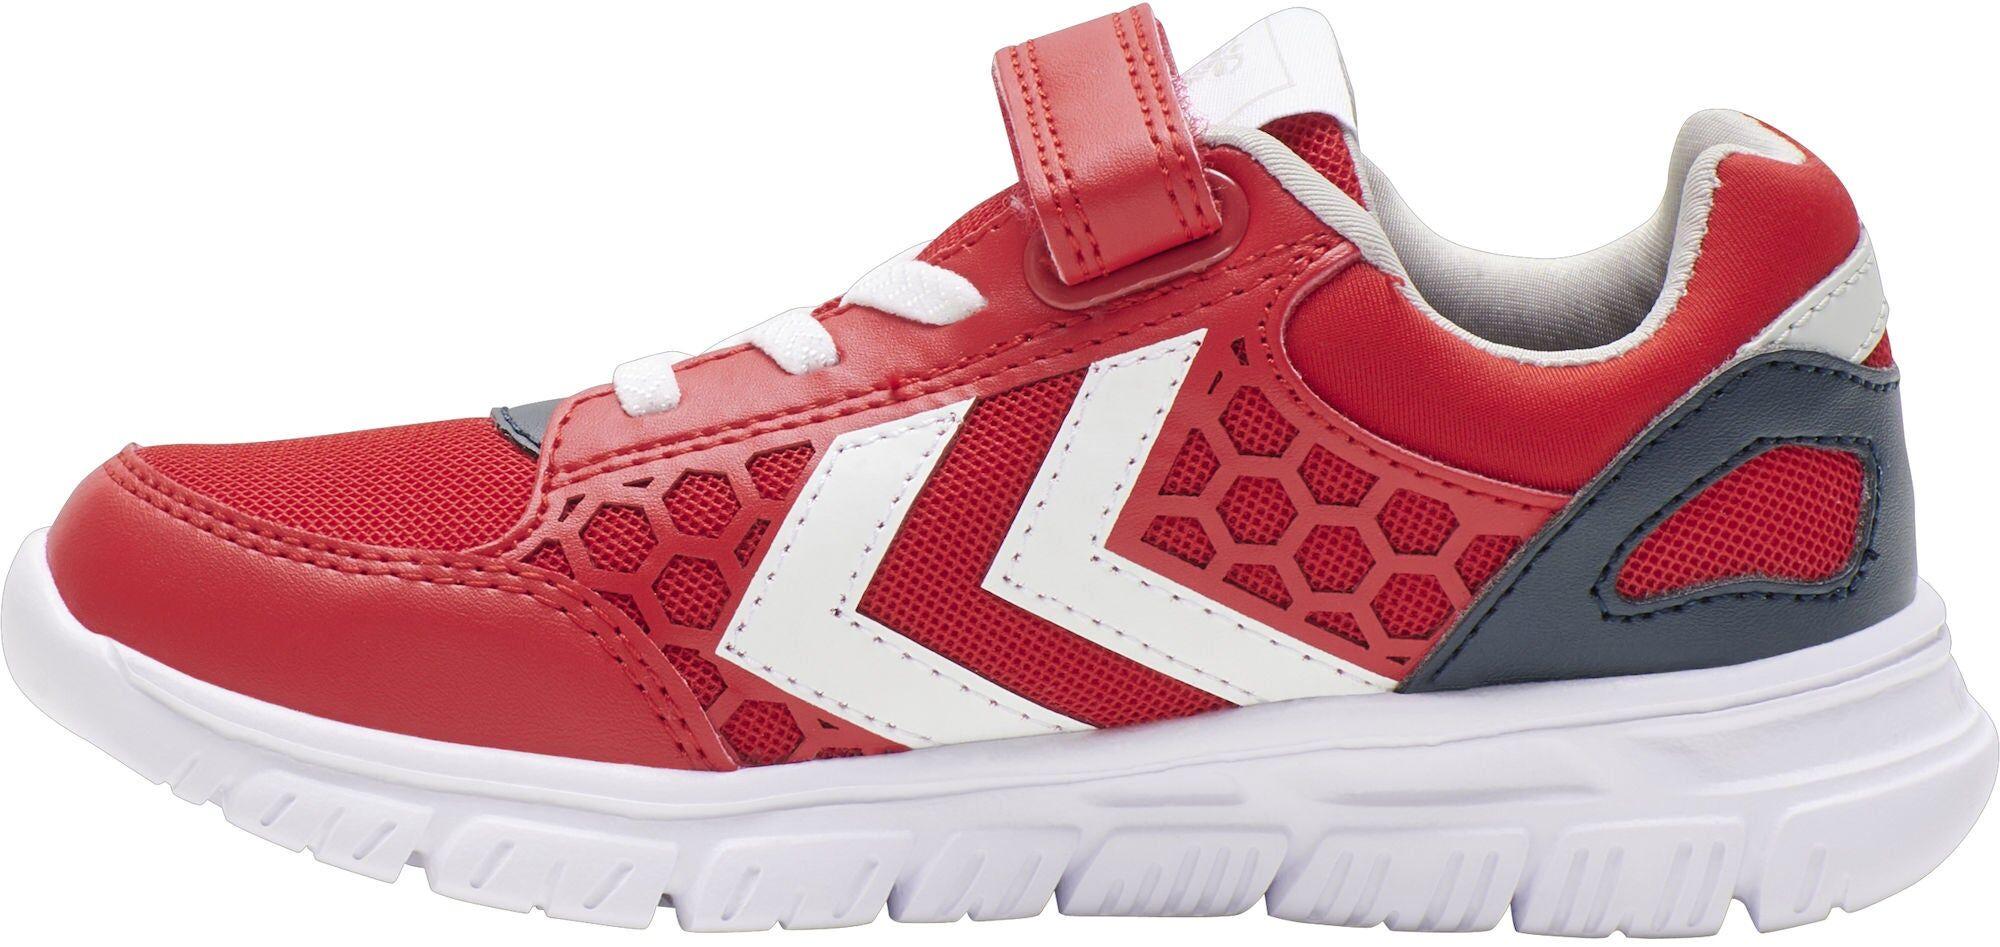 Hummel Crosslite Jr Sneaker, High Risk Red, 27